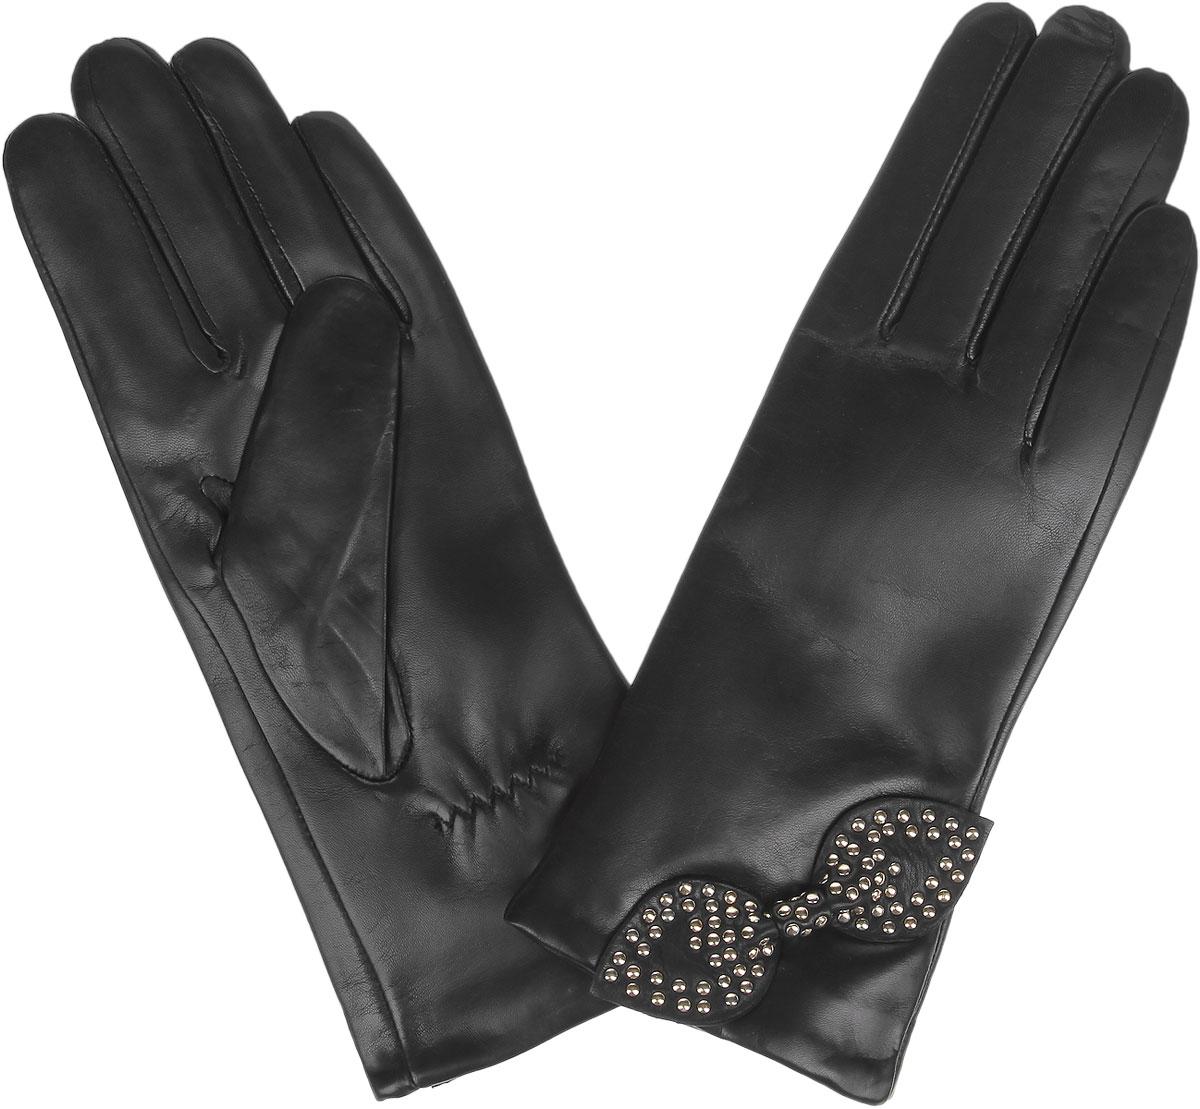 Перчатки женские Fabretti, цвет: черный. 9.79-1. Размер 7,59.79-1_blackЖенские перчатки Fabretti не только защитят ваши руки от холода, но и станут стильным украшением вашего образа. Перчатки изготовлены из натуральной кожи с подкладкой из шерсти с добавлением кашемира. Лицевая сторона модели декорирована бантом с металлическими клепками. Запястье оснащено небольшой резинкой, фиксирующей модель на руке. Перчатки Fabrettiстанут завершающим и подчеркивающим элементом вашего стиля.